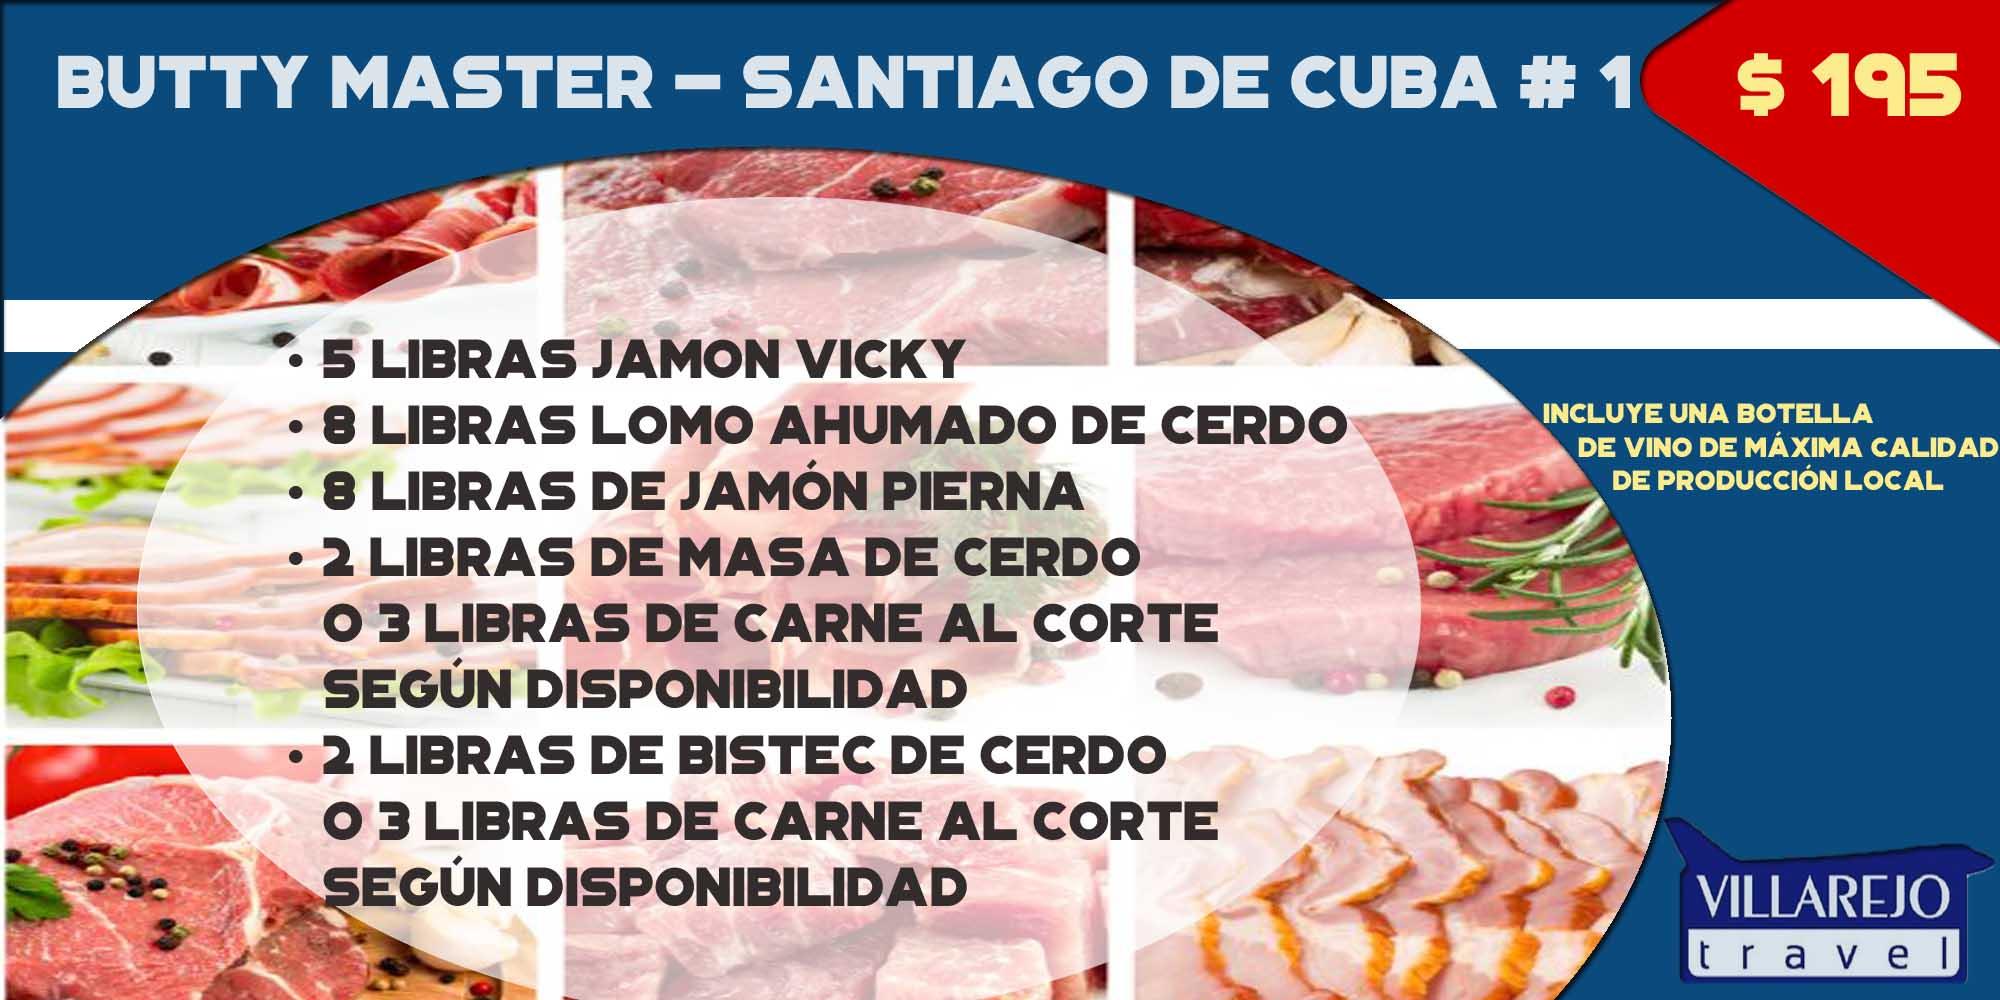 COMBO # 3 Butty Master - Santiago de Cuba